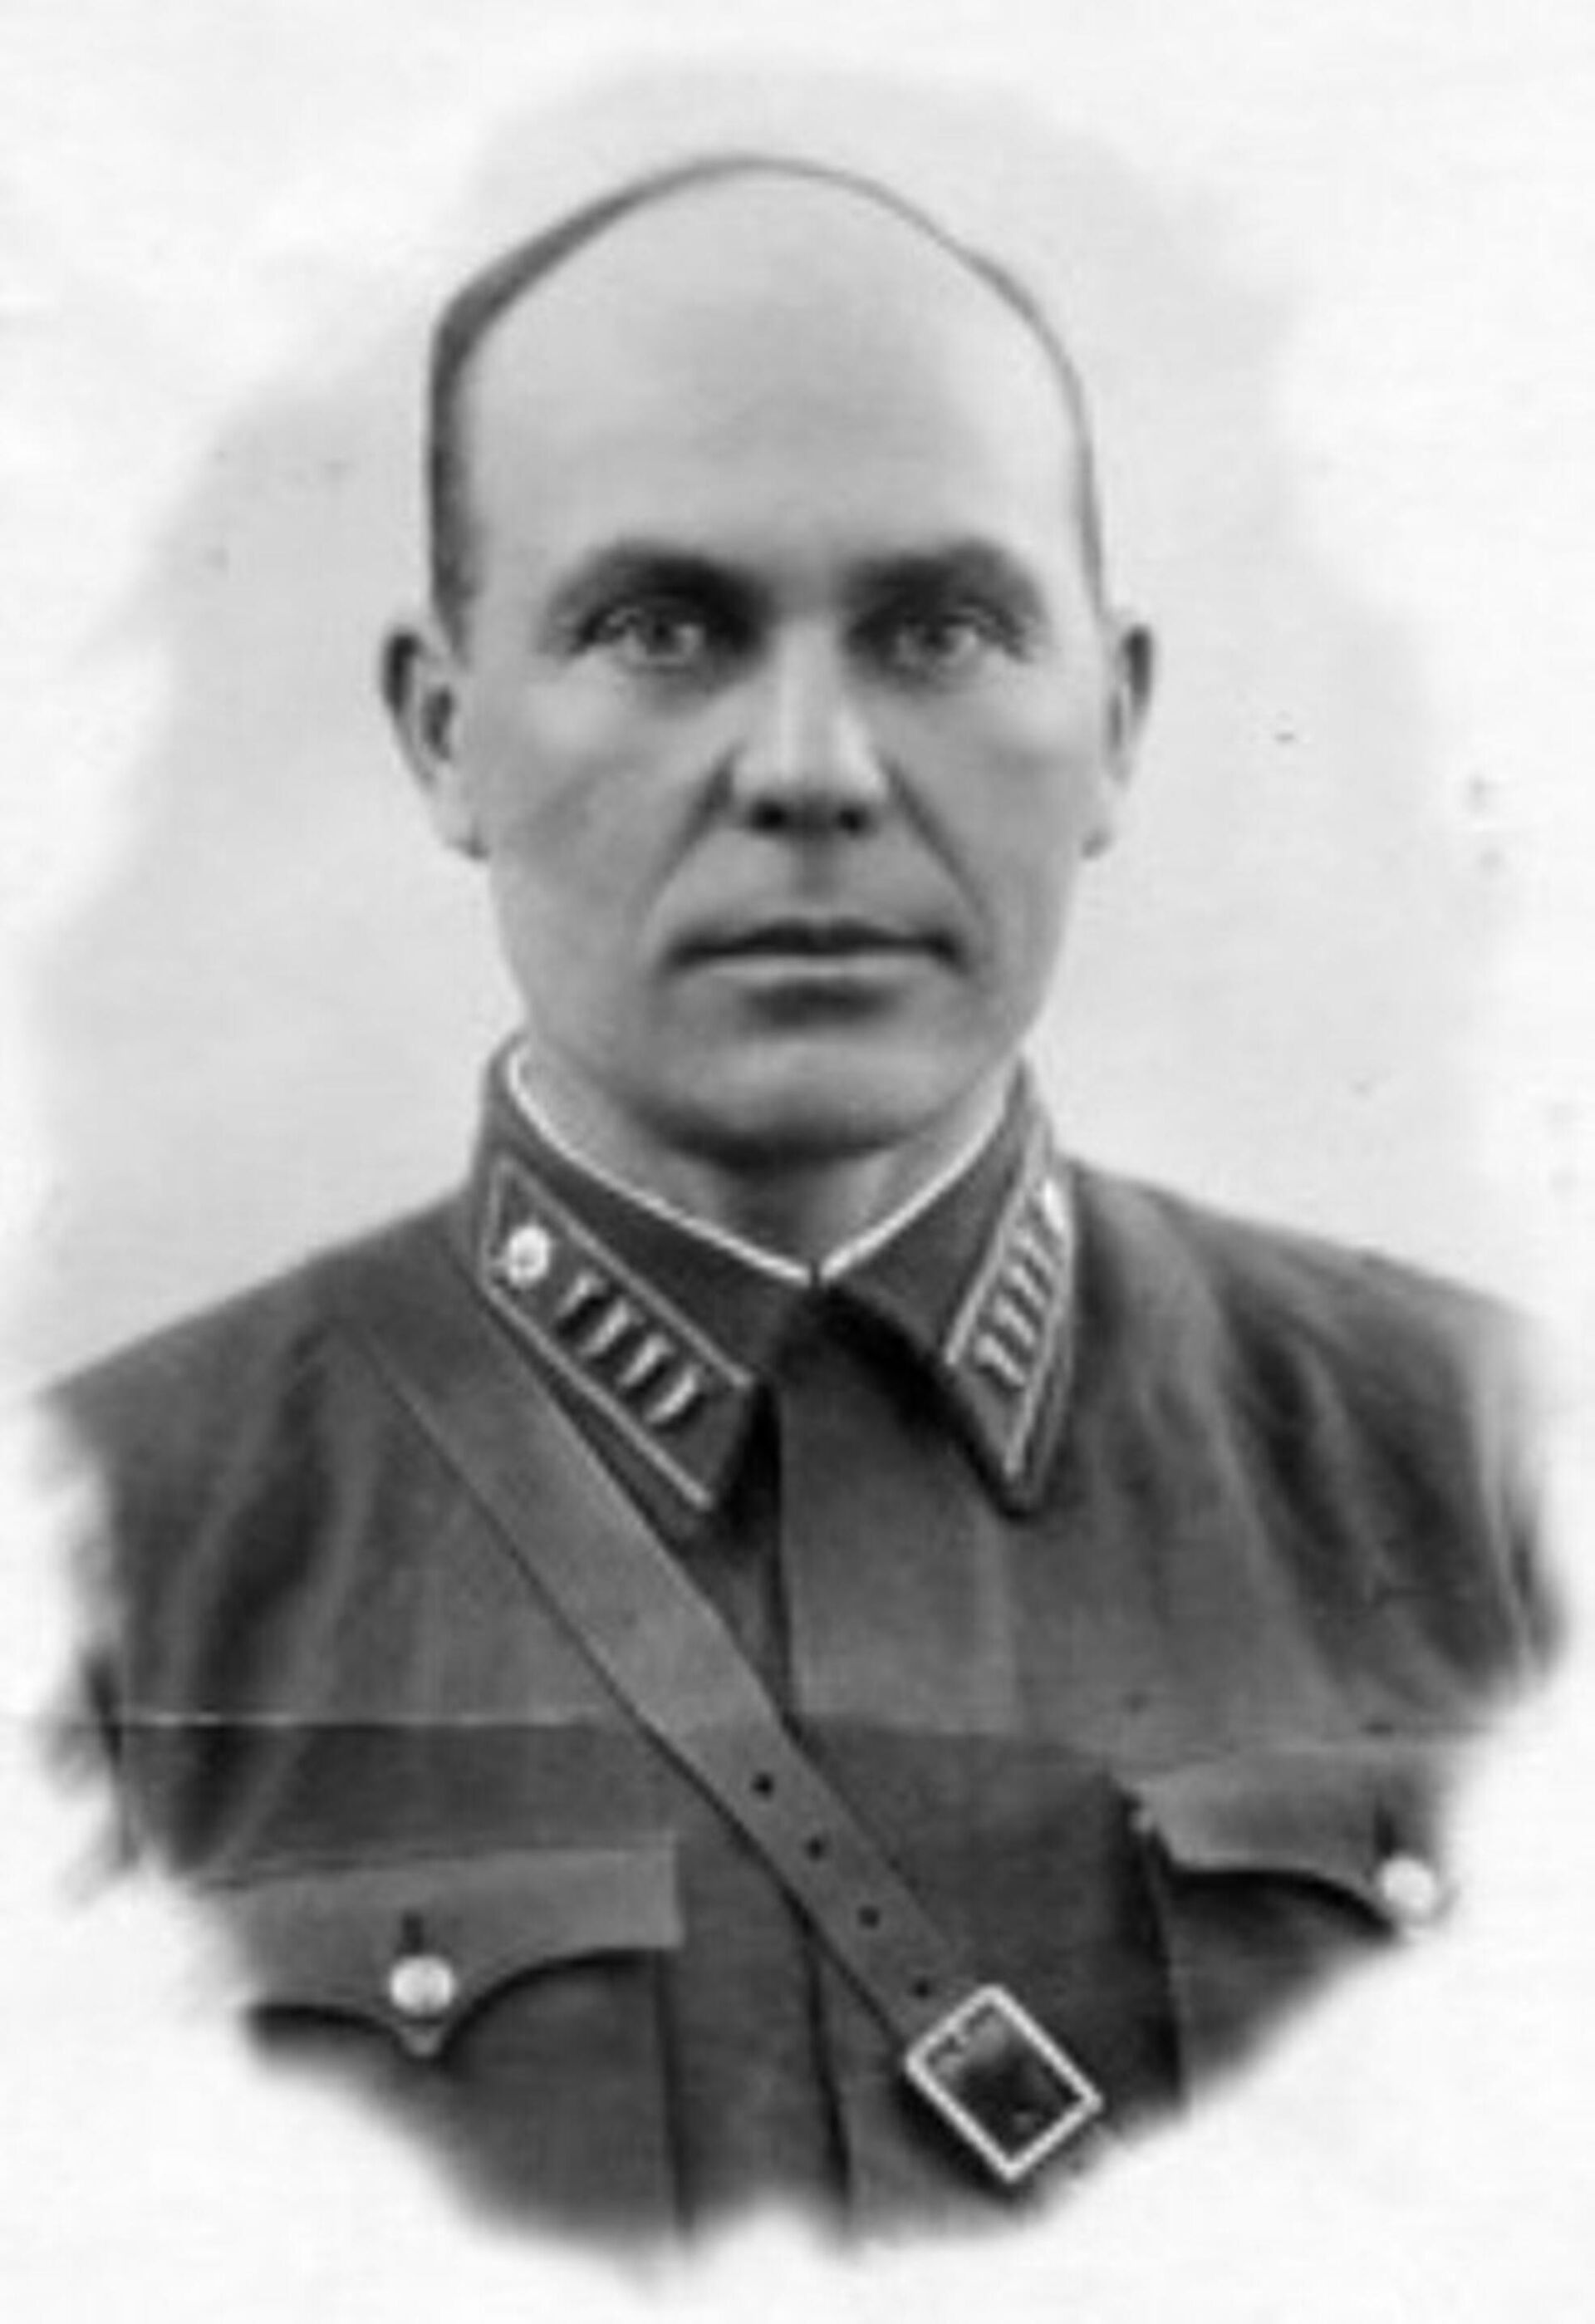 Внуку погибшего в войне полковника Полосухина вручили Звезду Героя